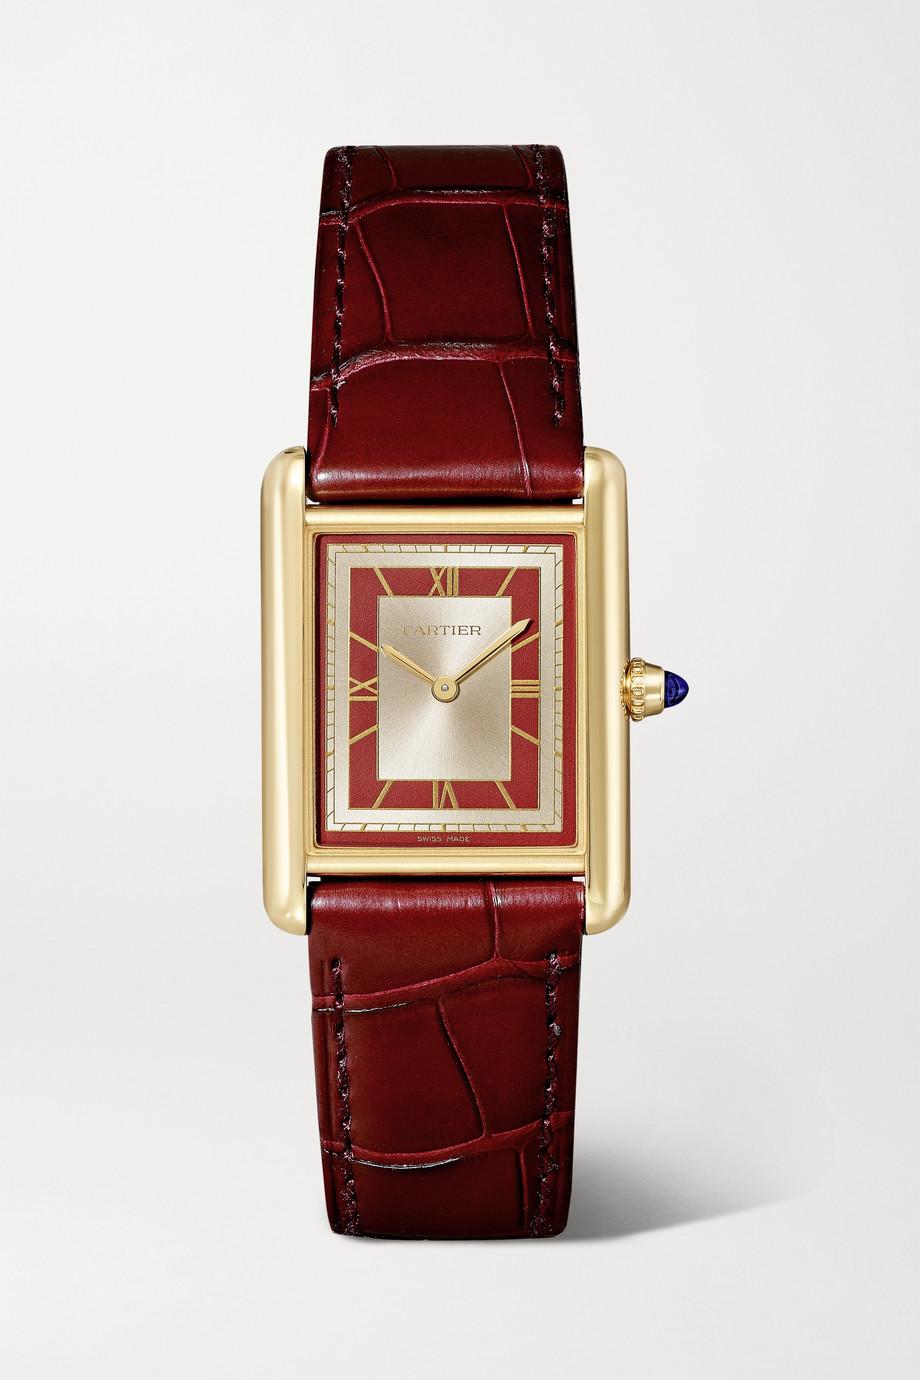 Cartier Montre à remontage manuel en or 18 carats (750/1000) à bracelet en alligator Tank Louis Large, 34 mm